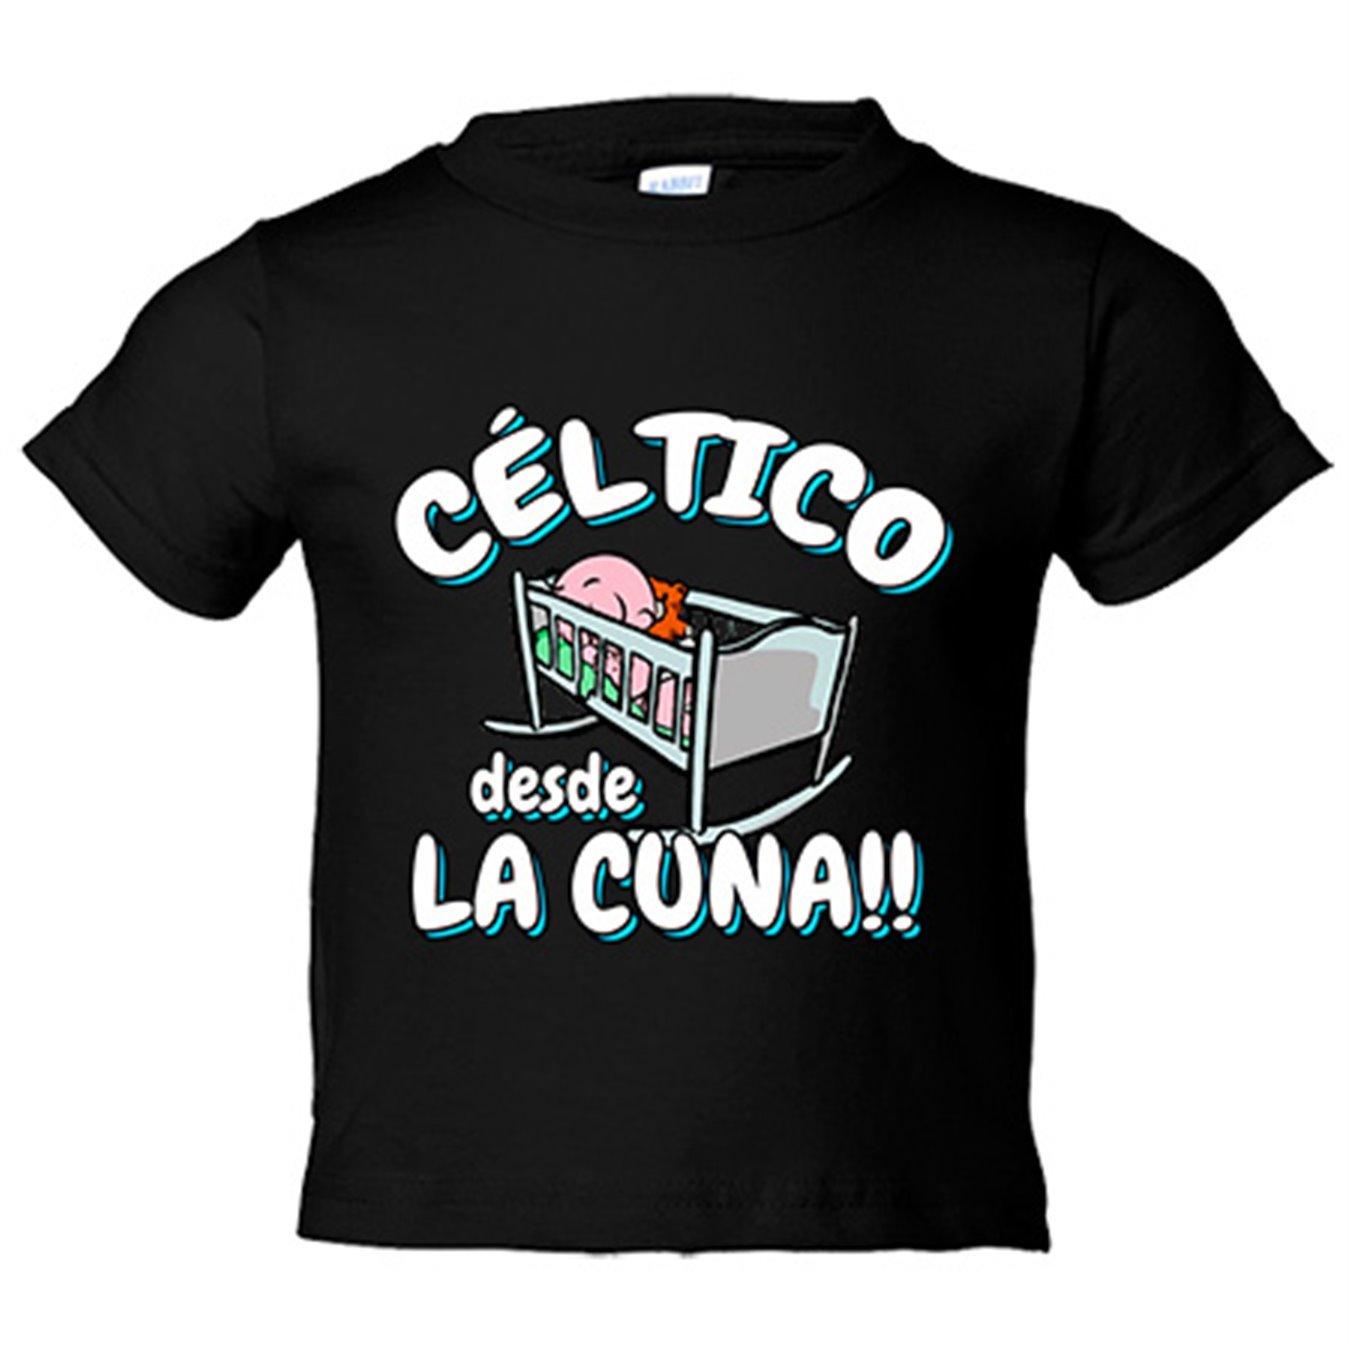 Camiseta niño Céltico desde la cuna Celta Vigo fútbol - Azul Royal, 3-4 años: Amazon.es: Bebé